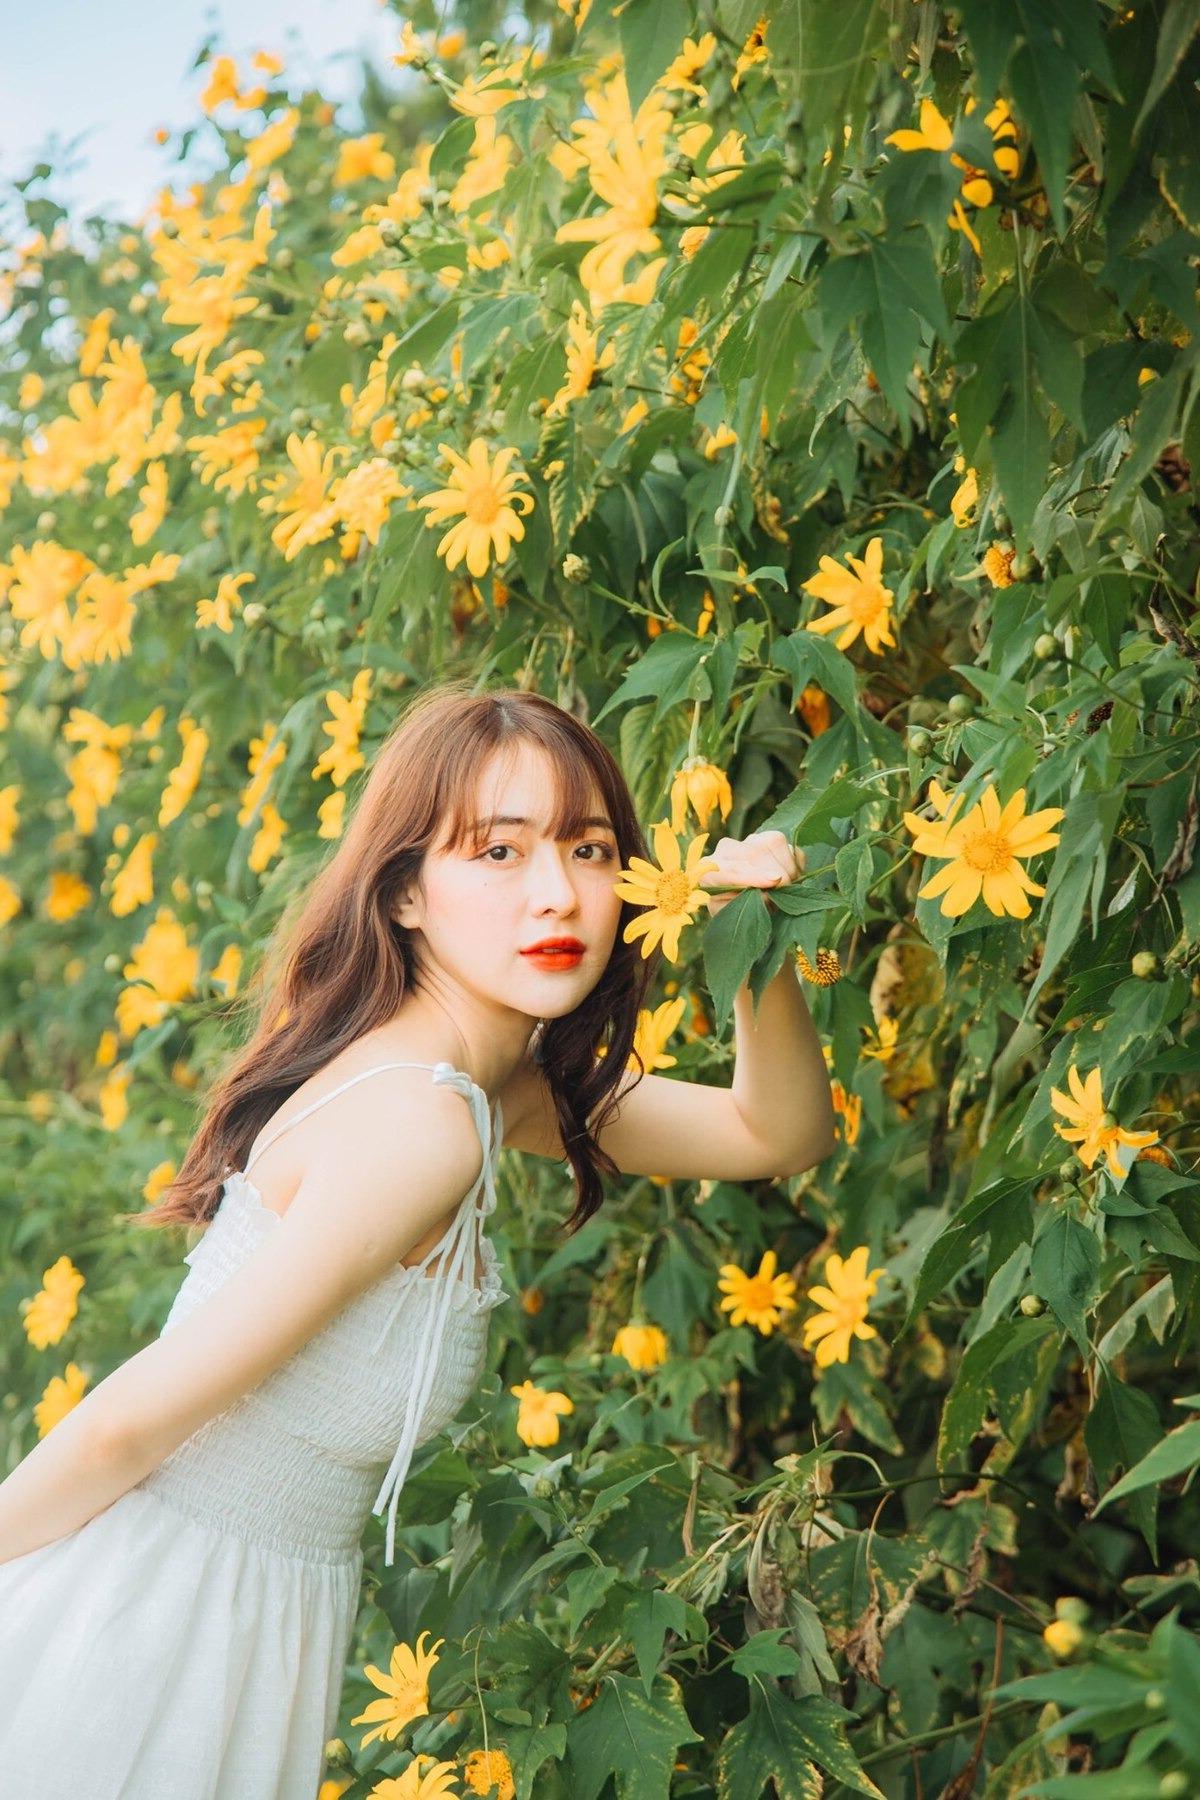 photo 9X mộng mơ đi khắp Việt Nam săn các mùa hoa